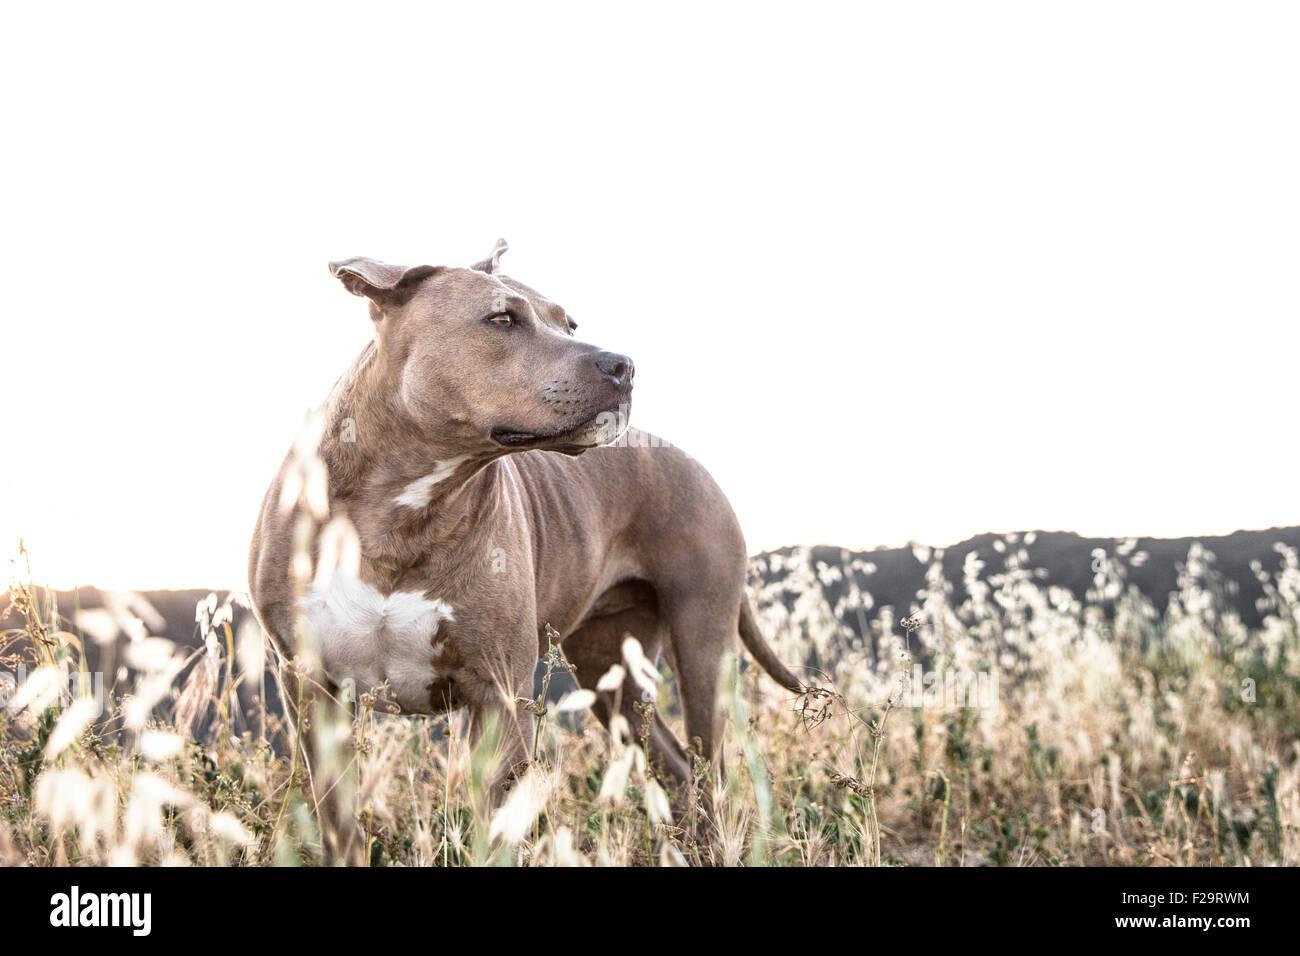 leistungsstarke Pitbull Hund steht in hohen trockenen Gräsern suchen ab in Ferne Mountain Ridge Linie Hintergrund Stockbild